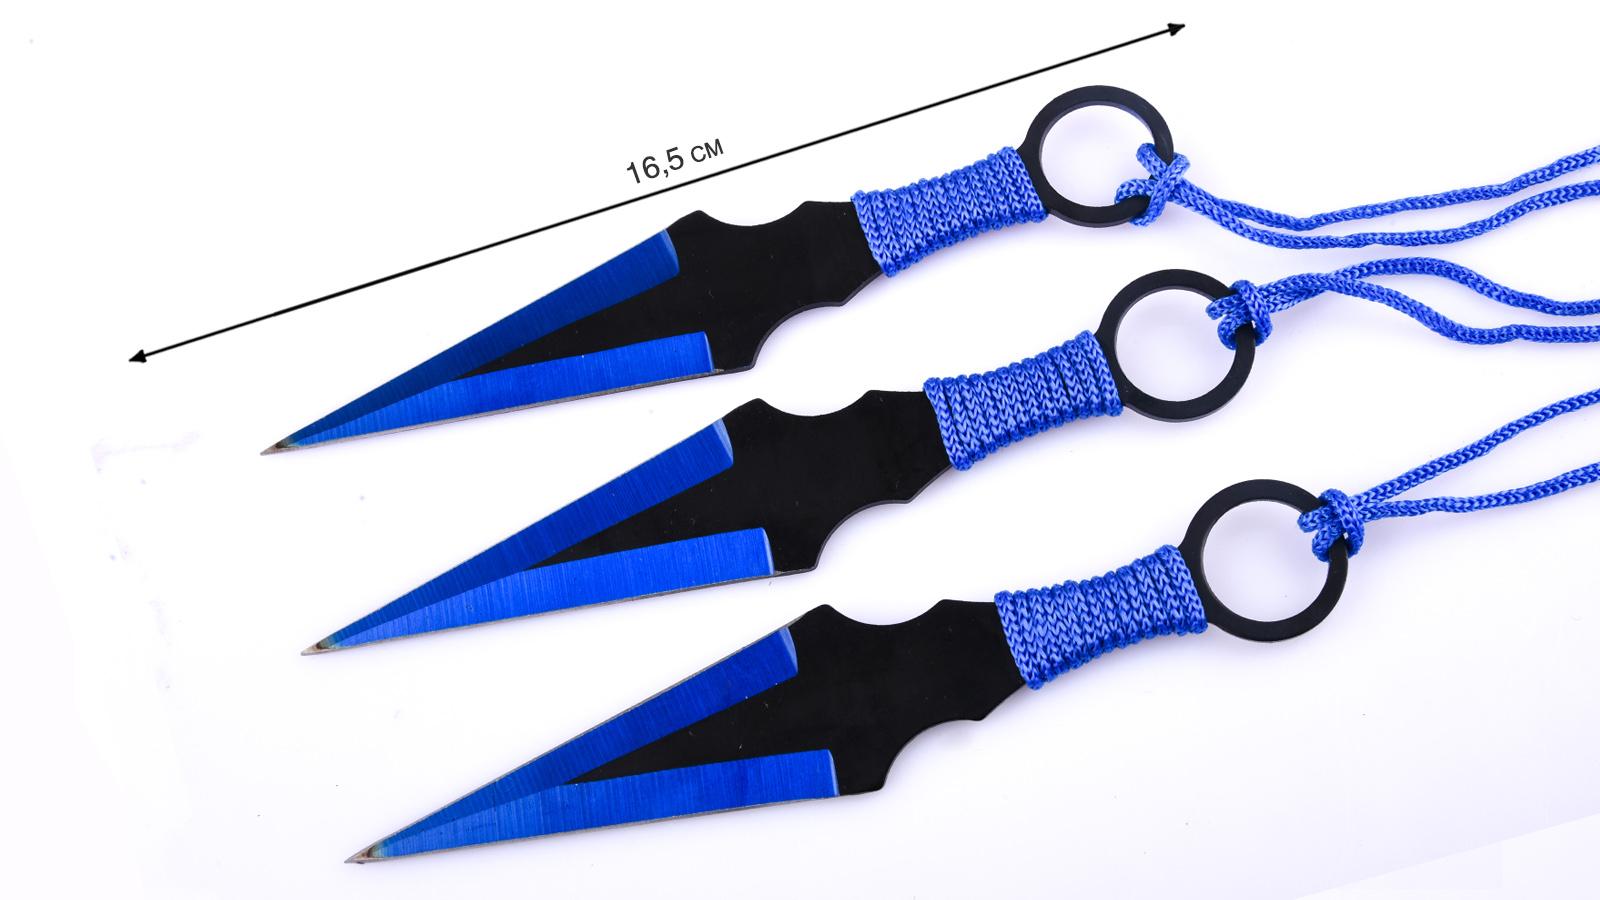 Ножи Kunai метательные по низкой цене